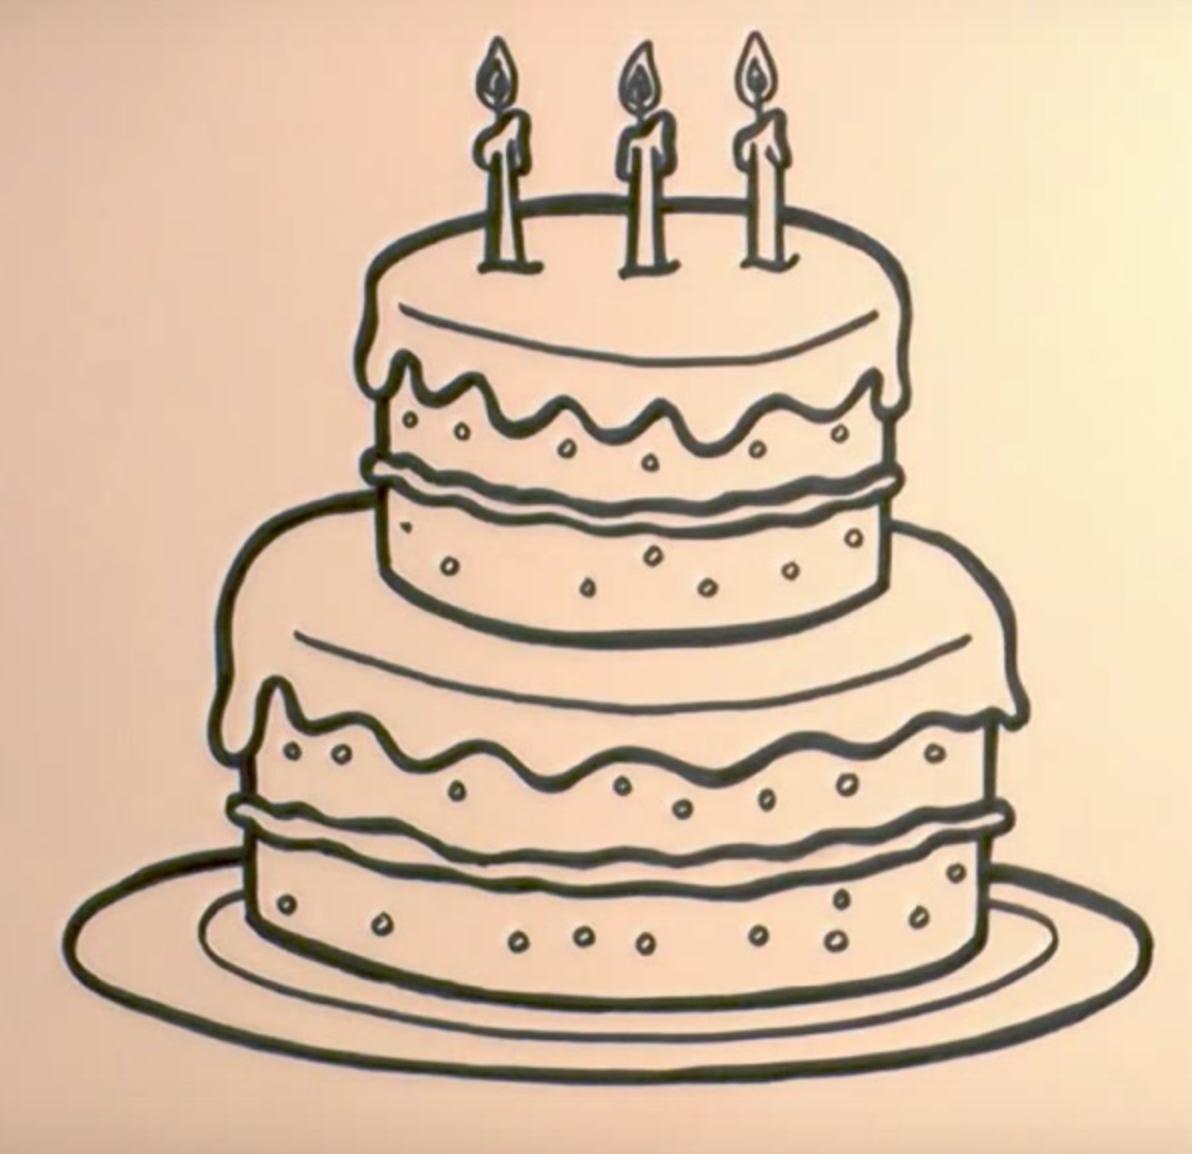 отдыхе картинка торт на листе полная информация блогерах-геях